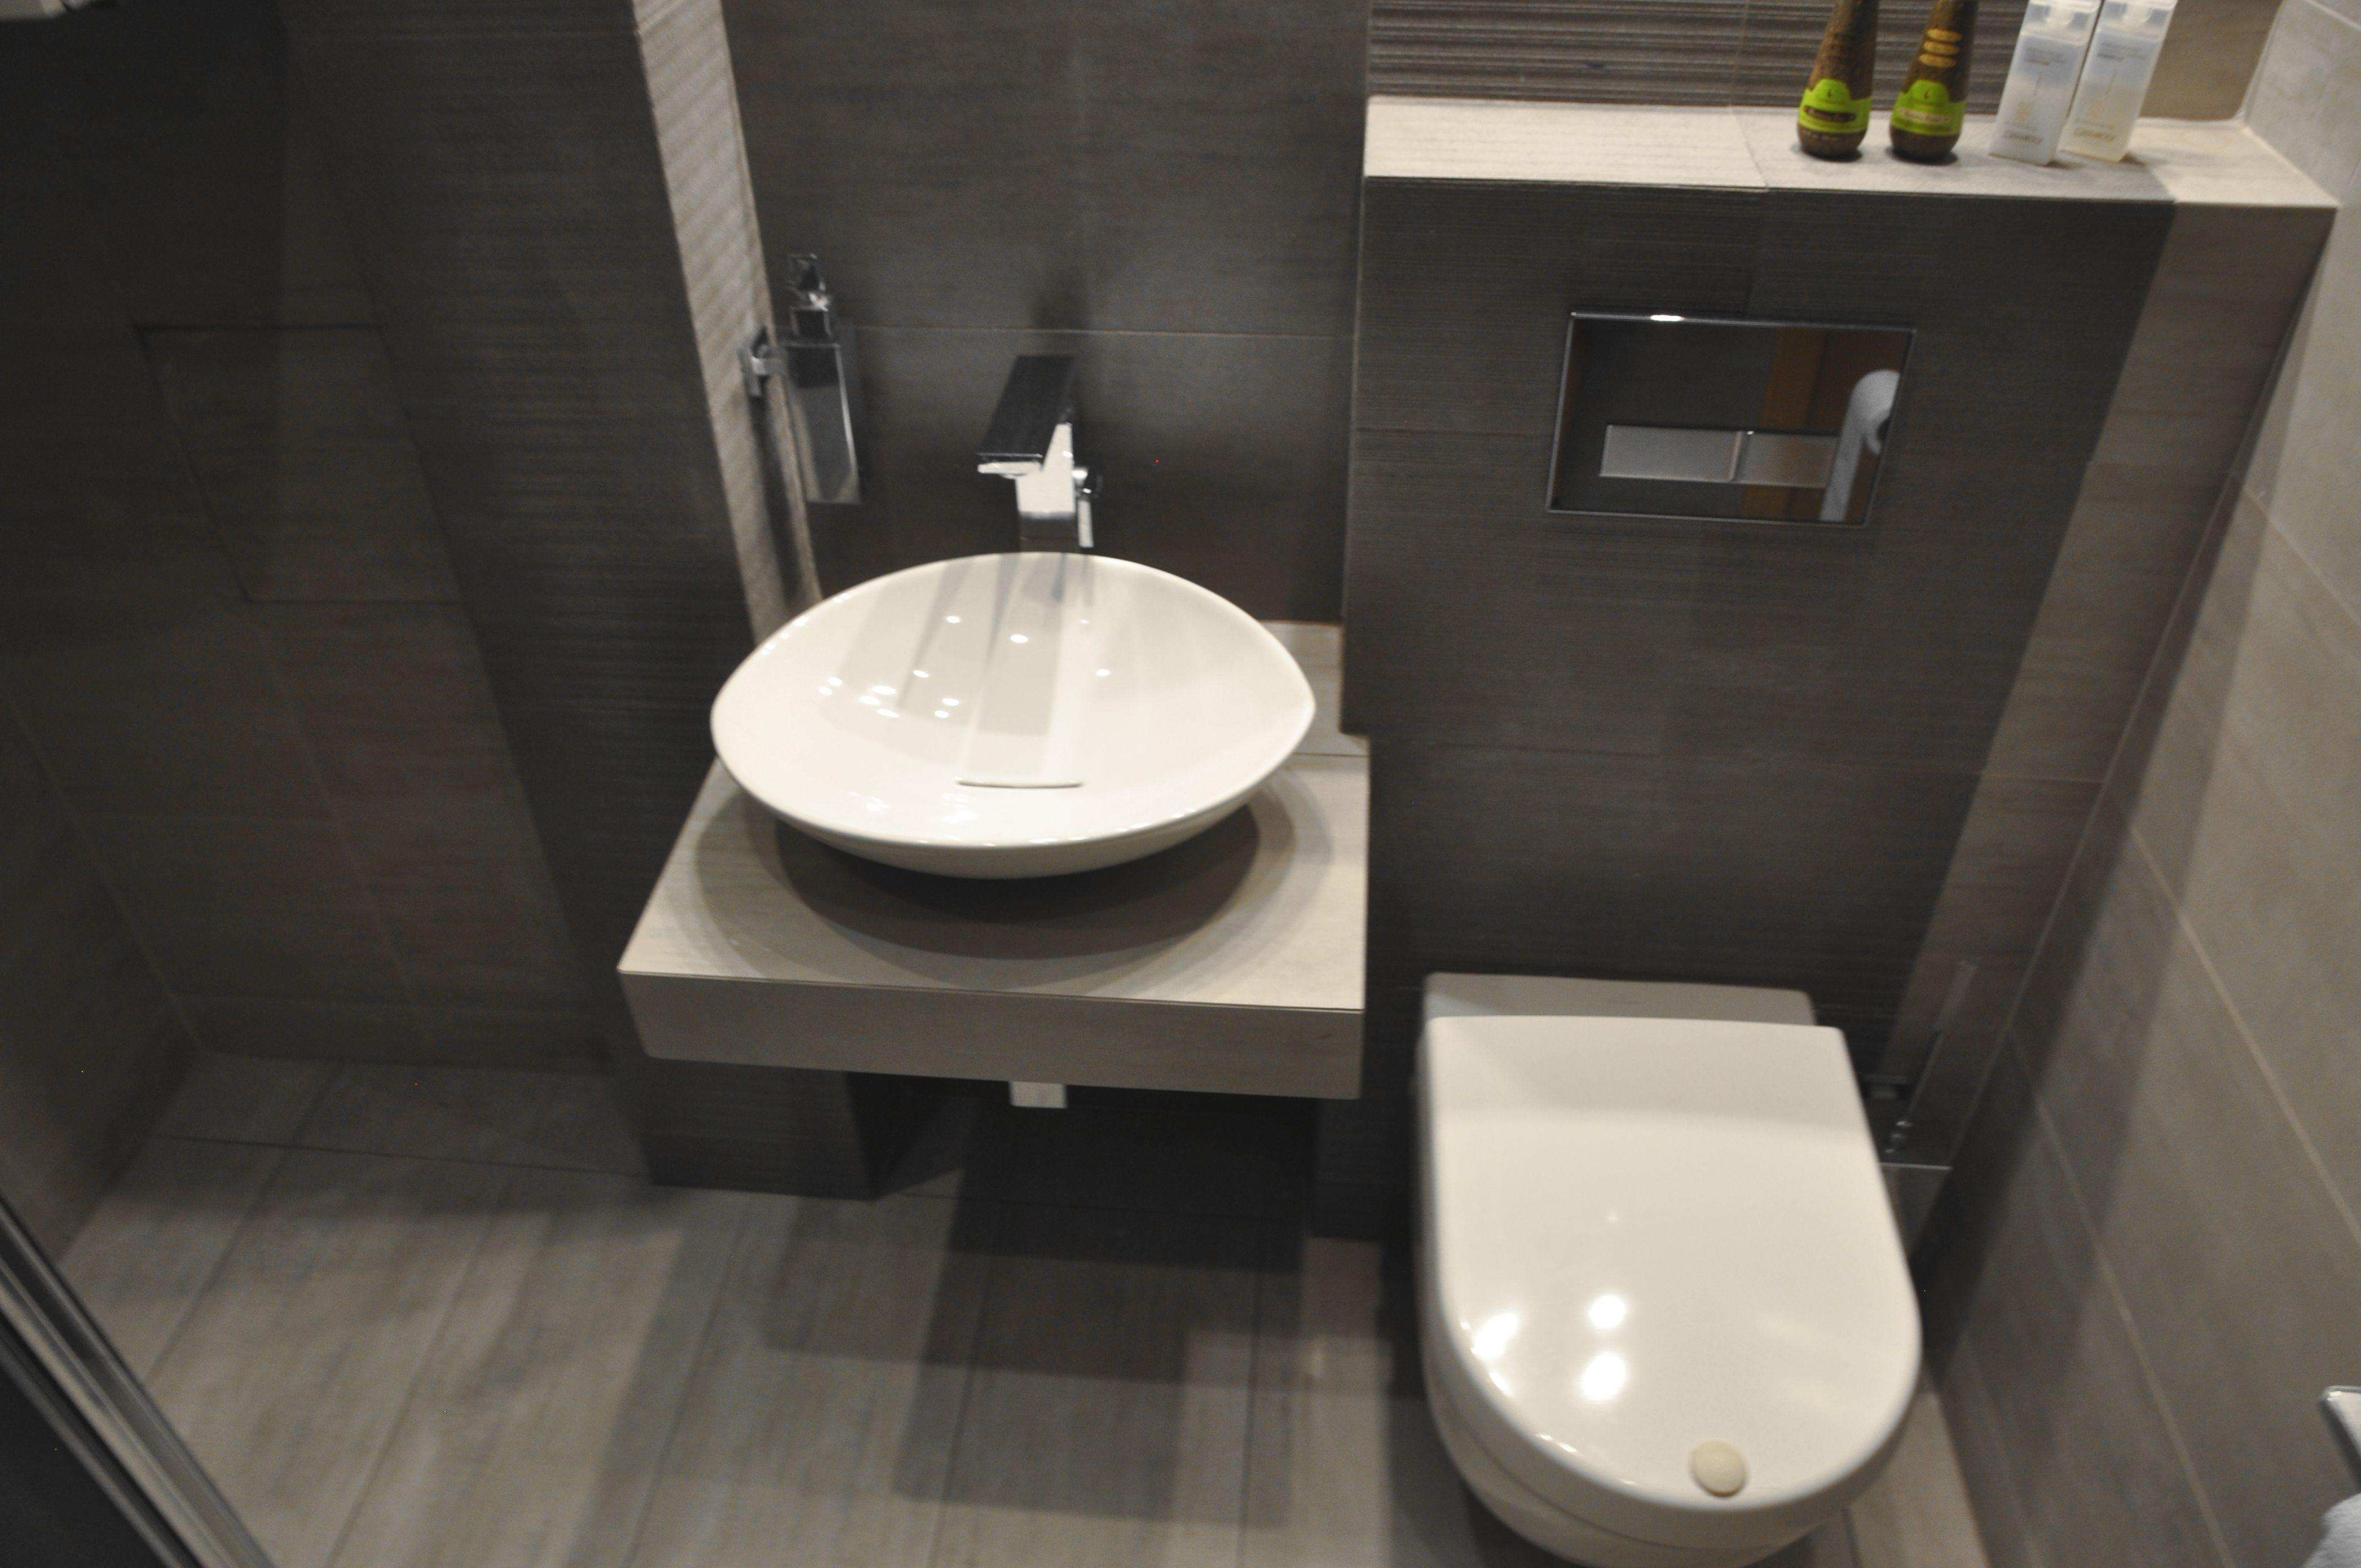 łazienka  http://www.rainbowapartments.pl/pokoj-zolty/